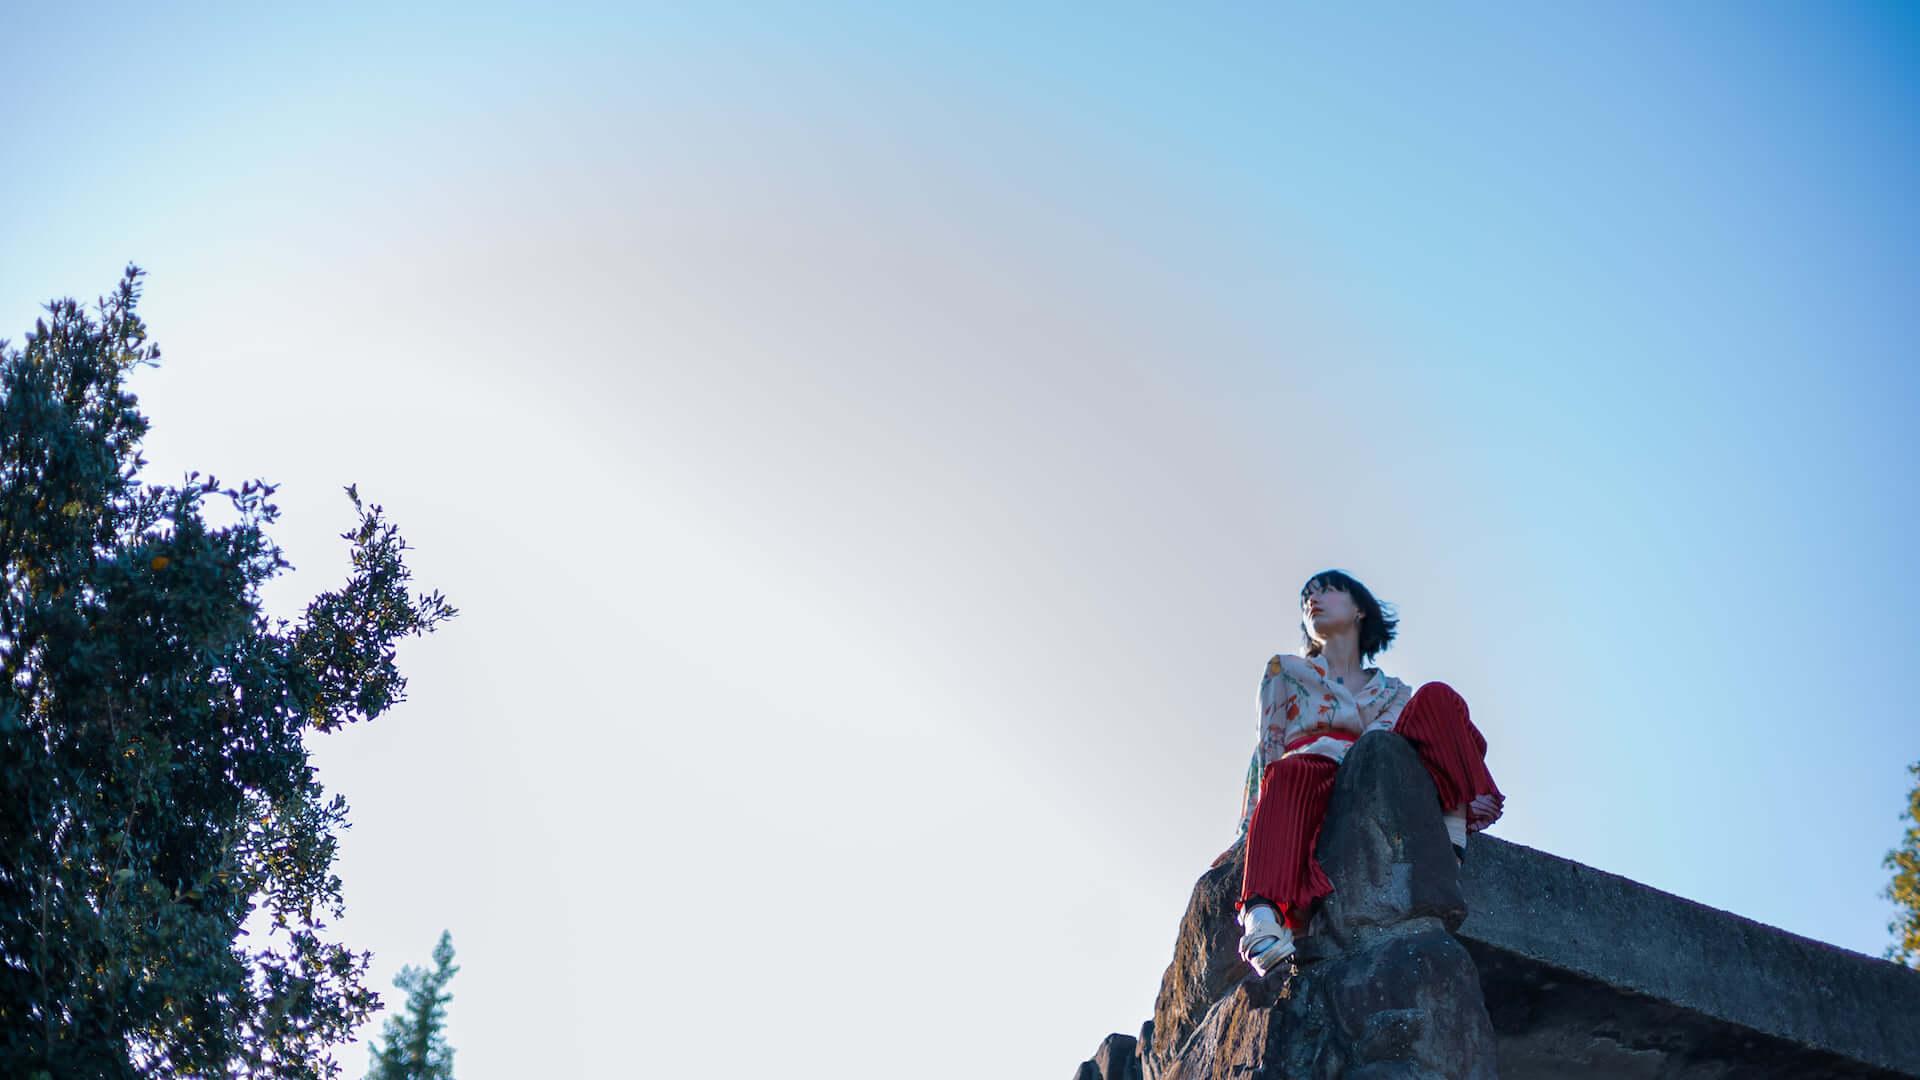 """TAMTAMのボーカル・Kuroが初の書き下ろし楽曲""""Ayakashi""""をリリース!本日開幕の<小豆島""""迷路のまち ナイトツーリズム"""">テーマソングにも起用 music201204_kuro_1-1920x1080"""